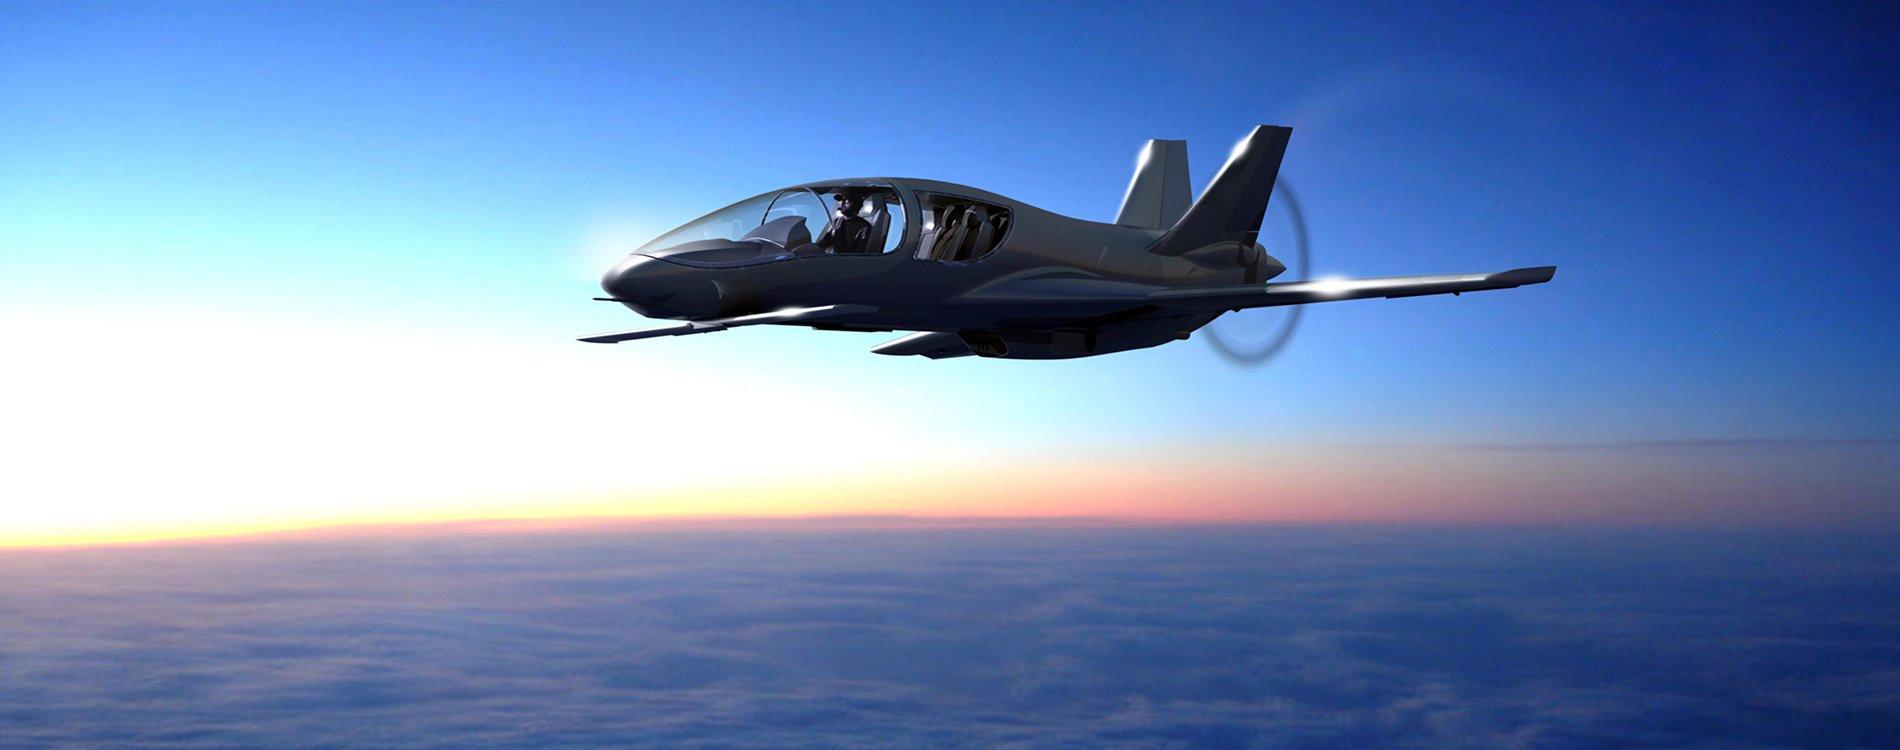 Co50 Valkyrie, un jet privado con diseño de avión de combate